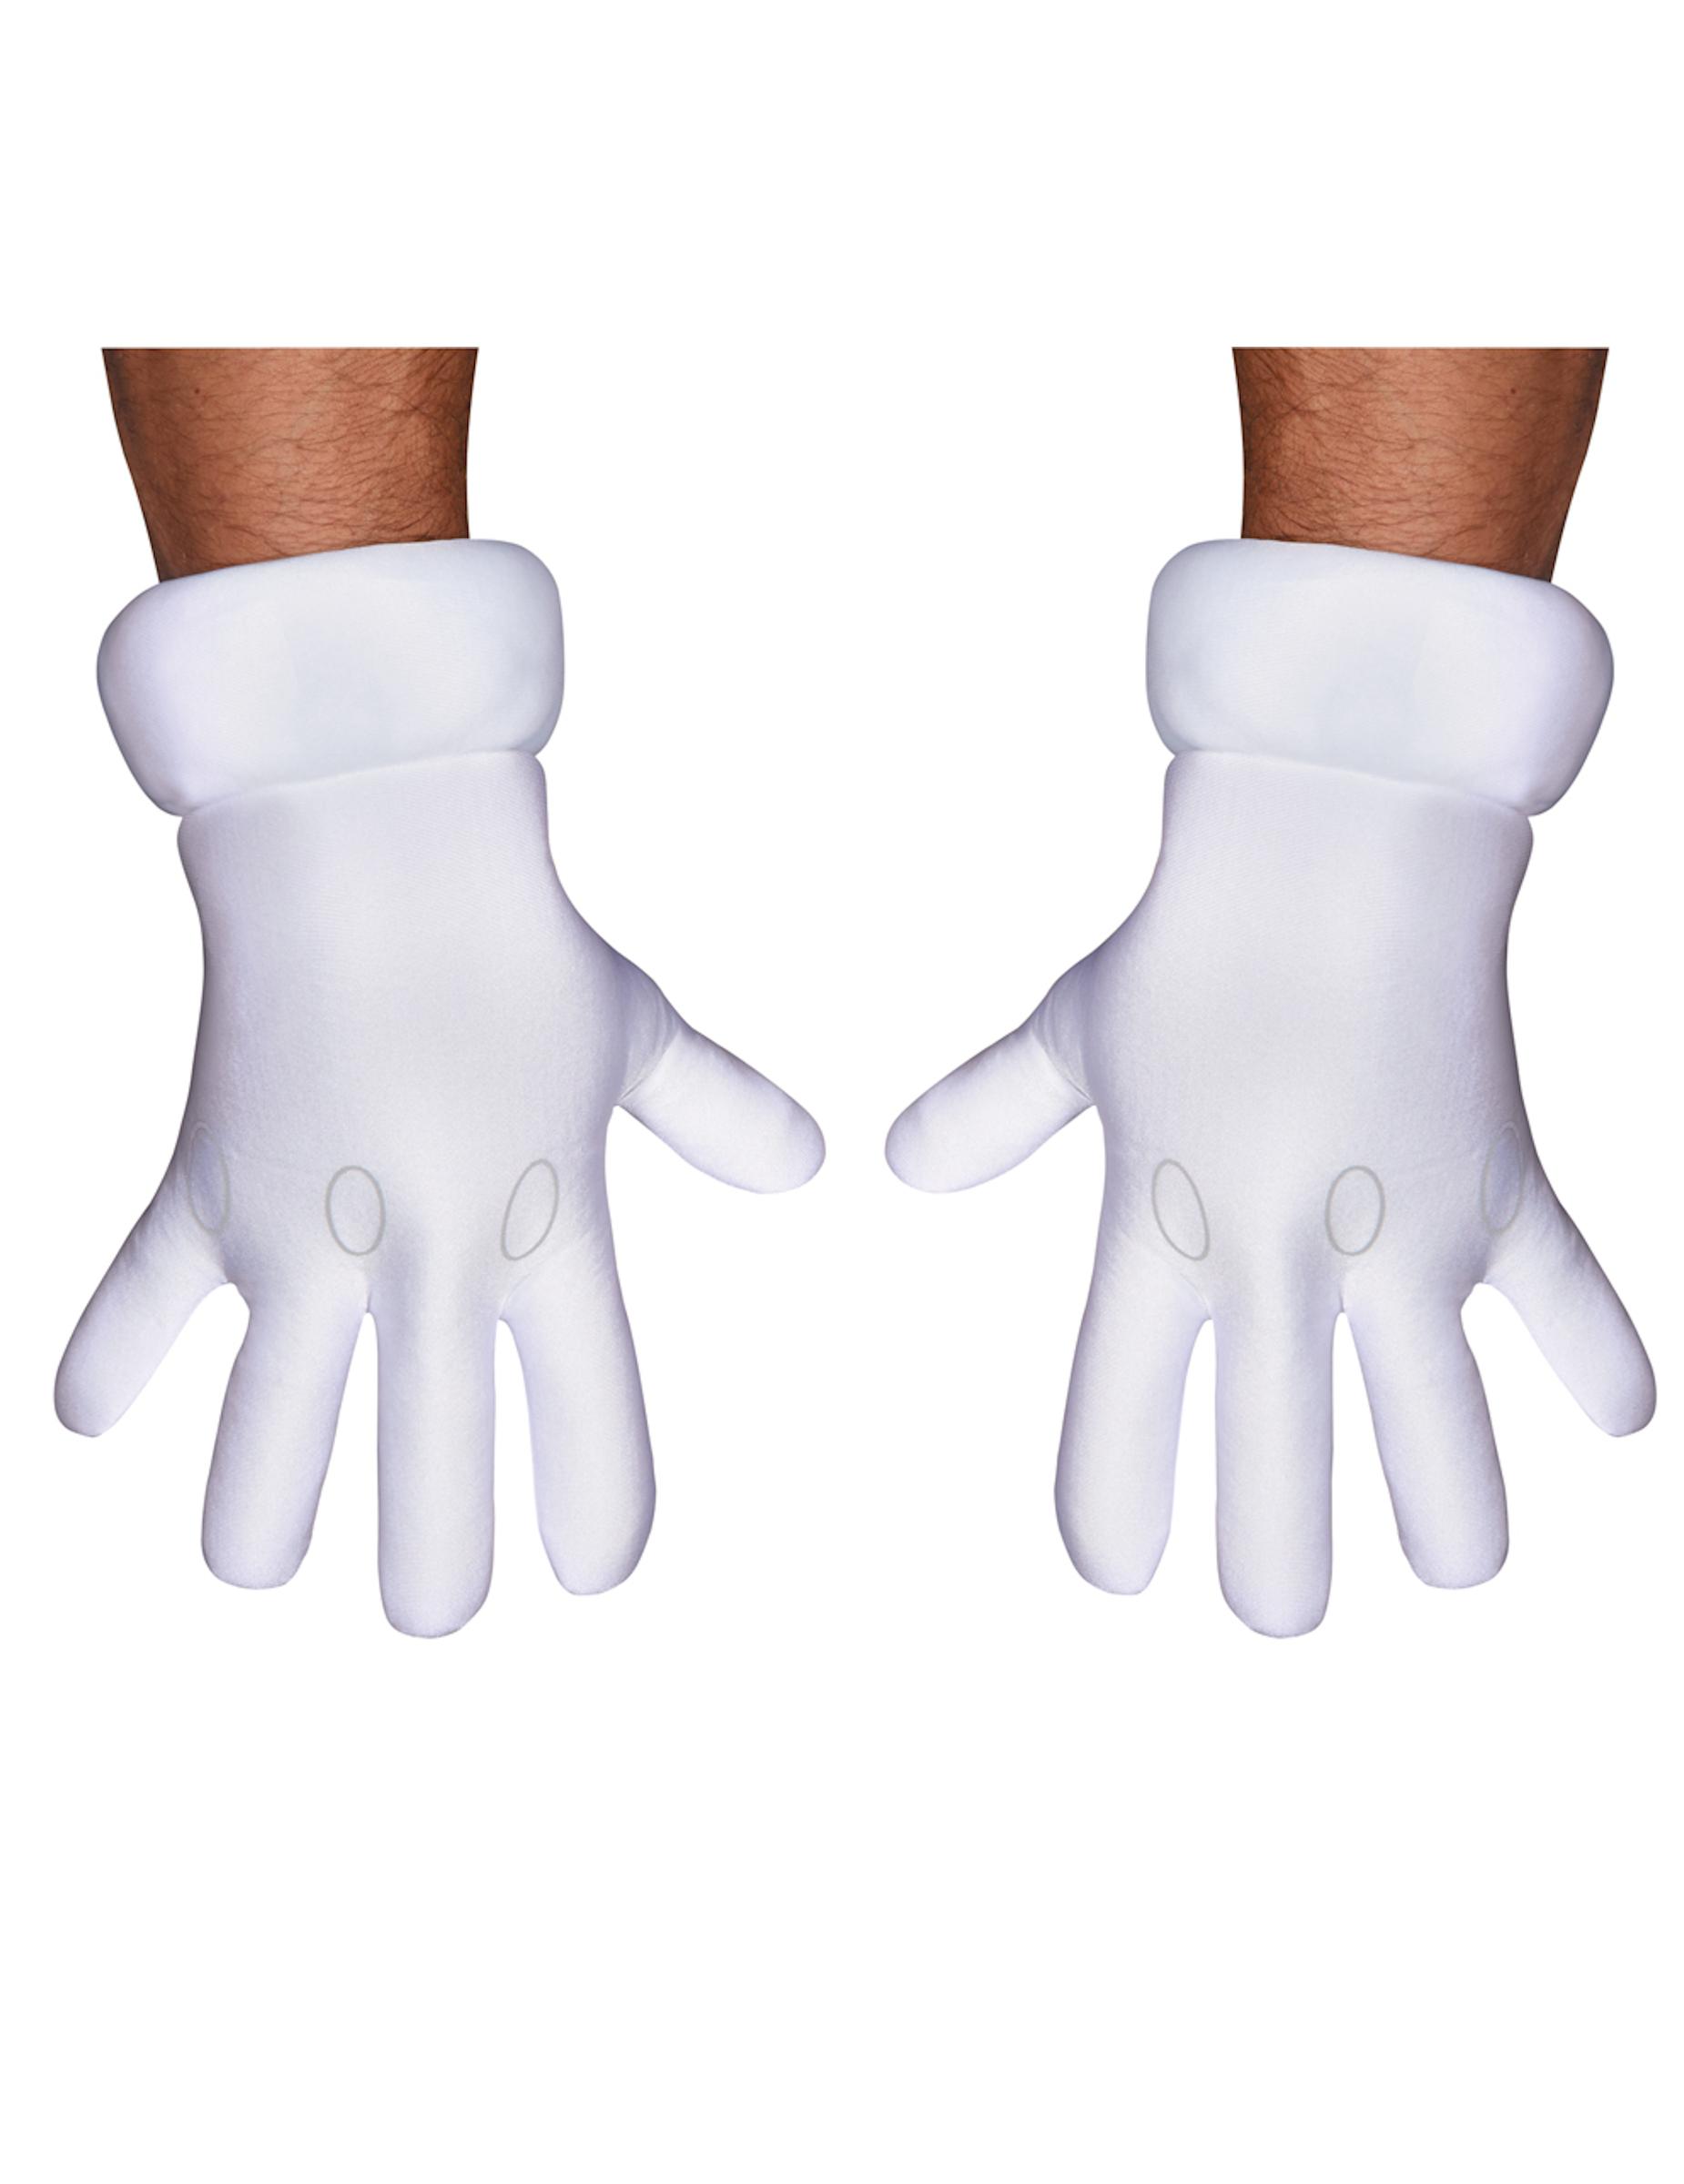 ebe59afbb982d3 Mario Handschuhe Kostüm-Accessoire für Erwachsene weiss , günstige ...